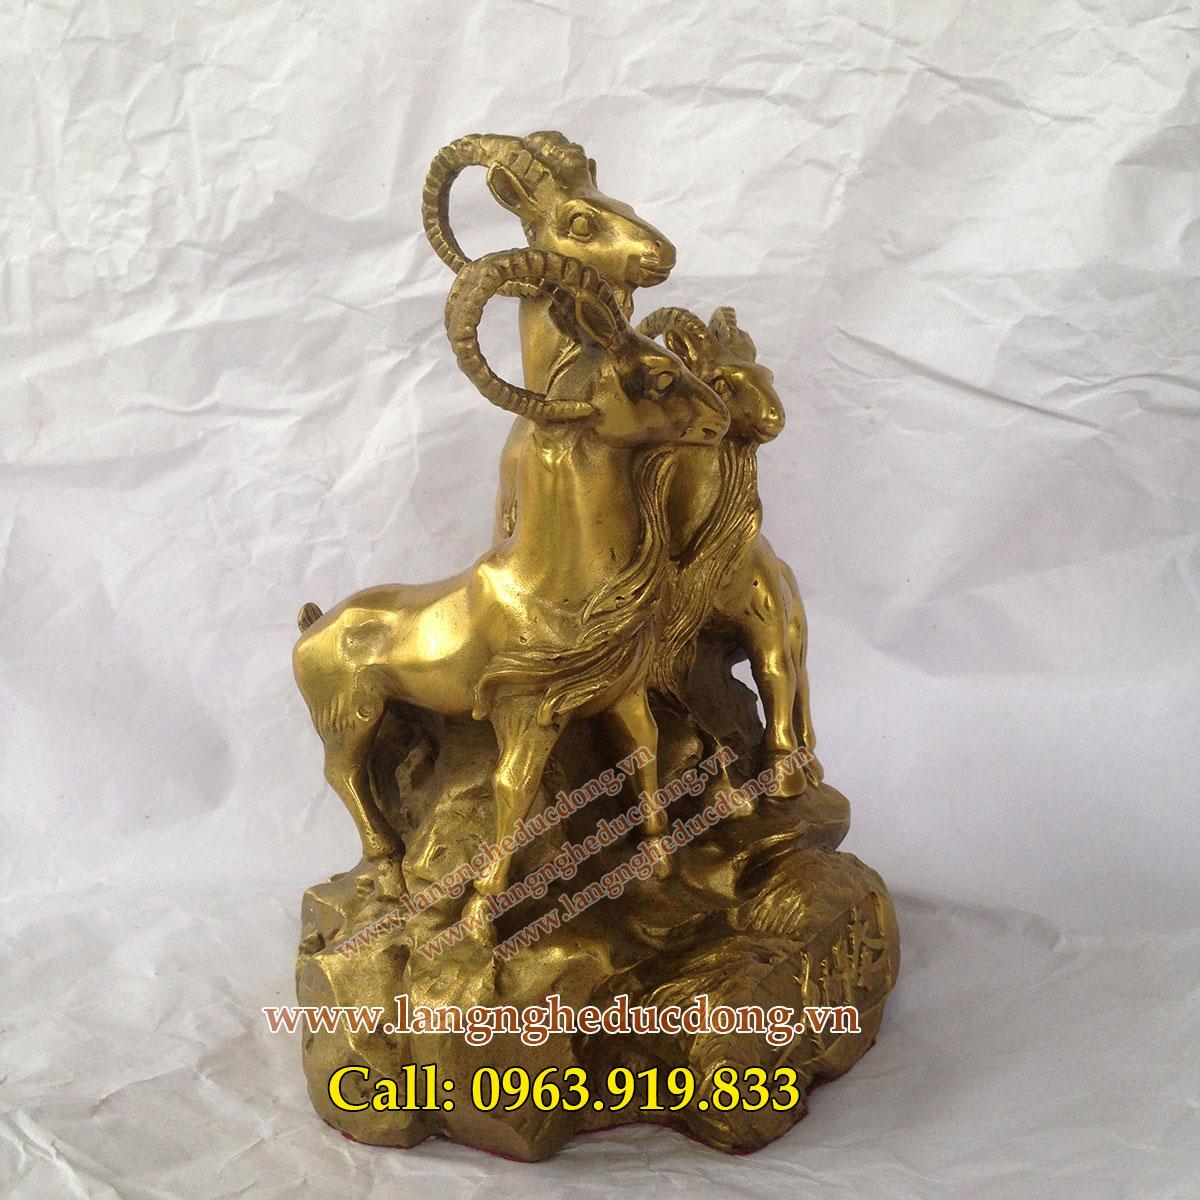 langngheducdong.vn - Tượng dê đồng cõng tiền cao 30cm, tượng dê đồng